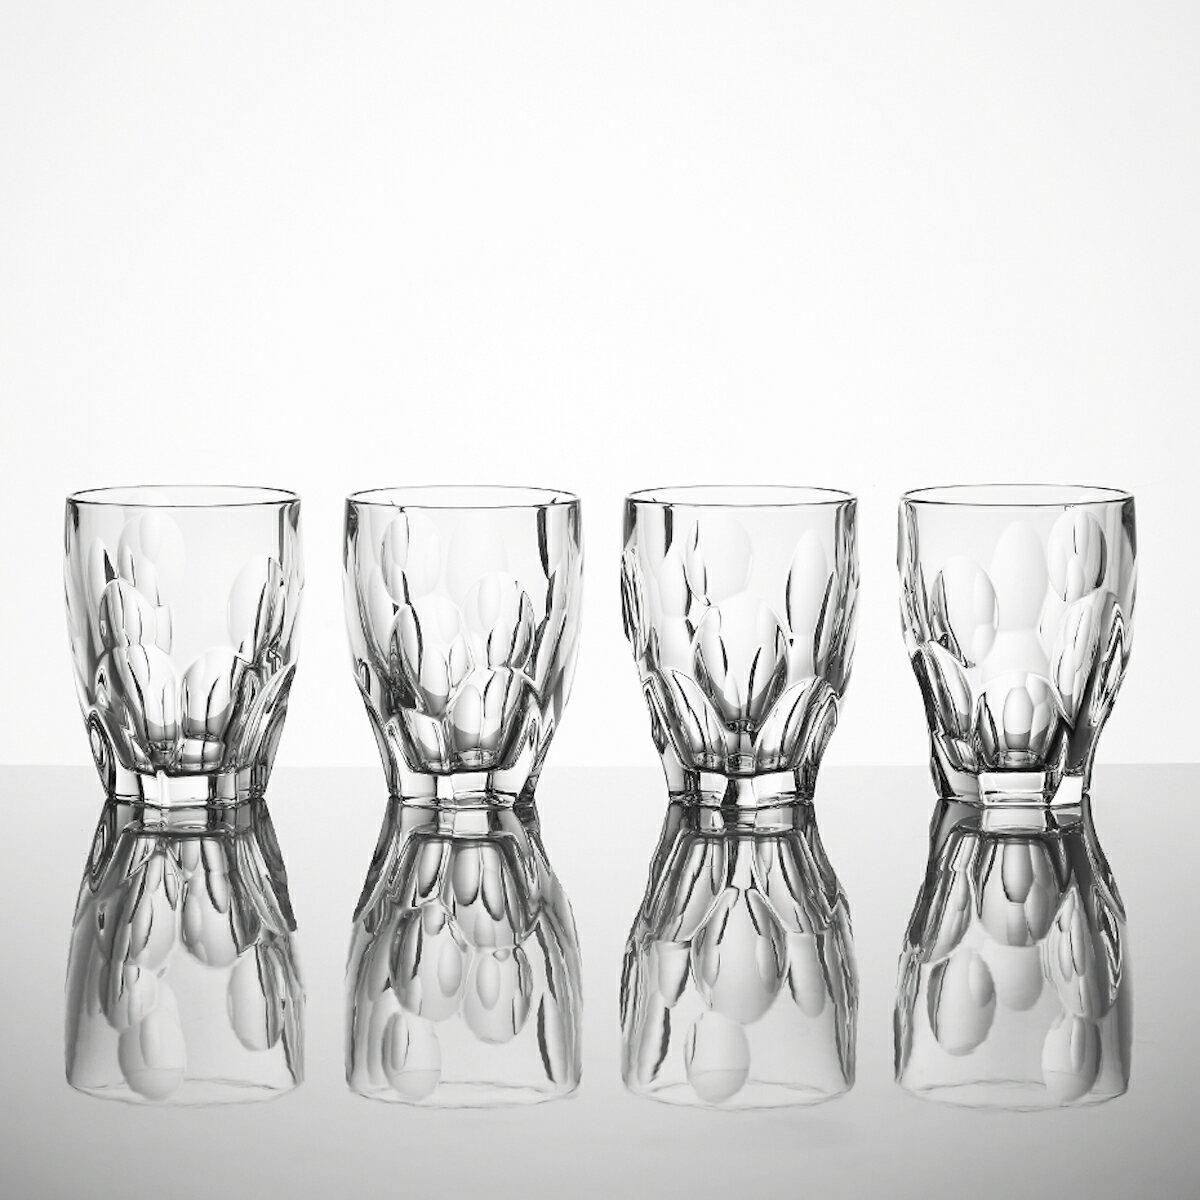 ナハトマン スフィア タンブラー グラスセット (4個入) ウイスキー 焼酎 ソフトドリンク グラス Nachtmann 正規品